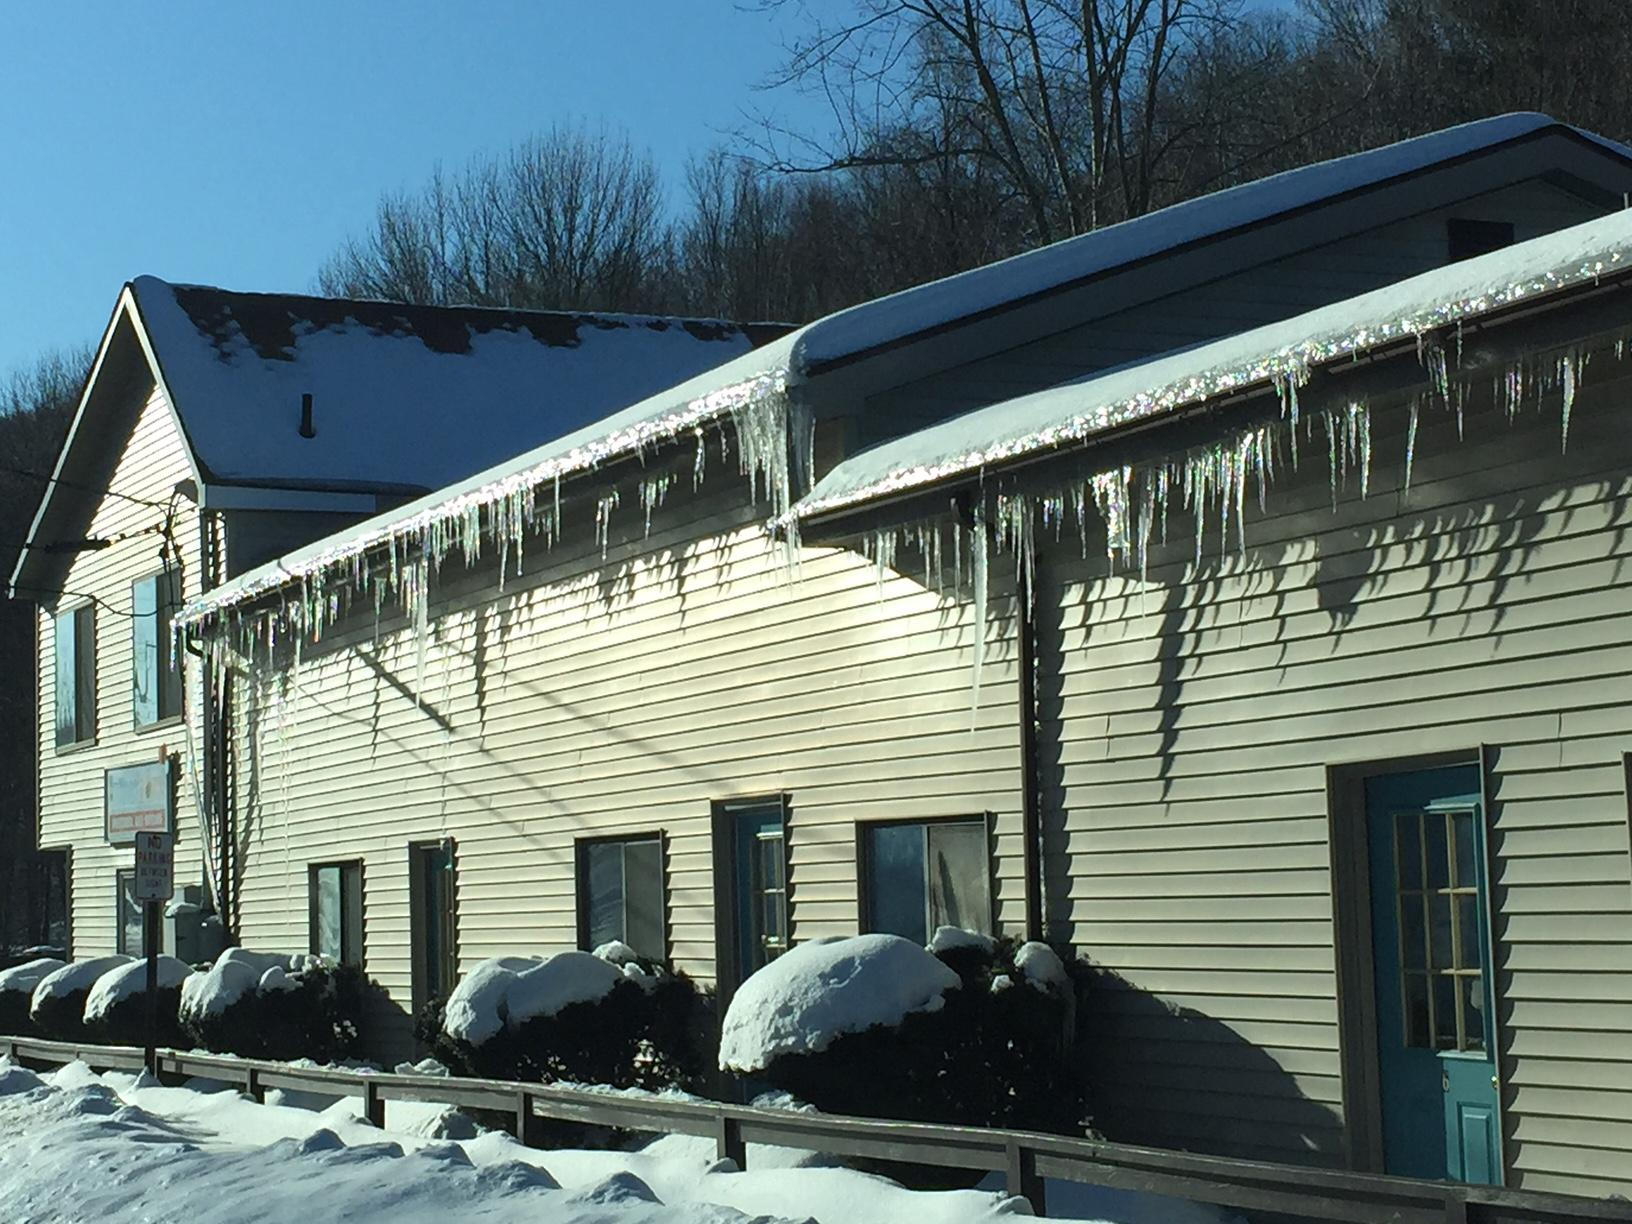 Sun's heat melting snow on roof